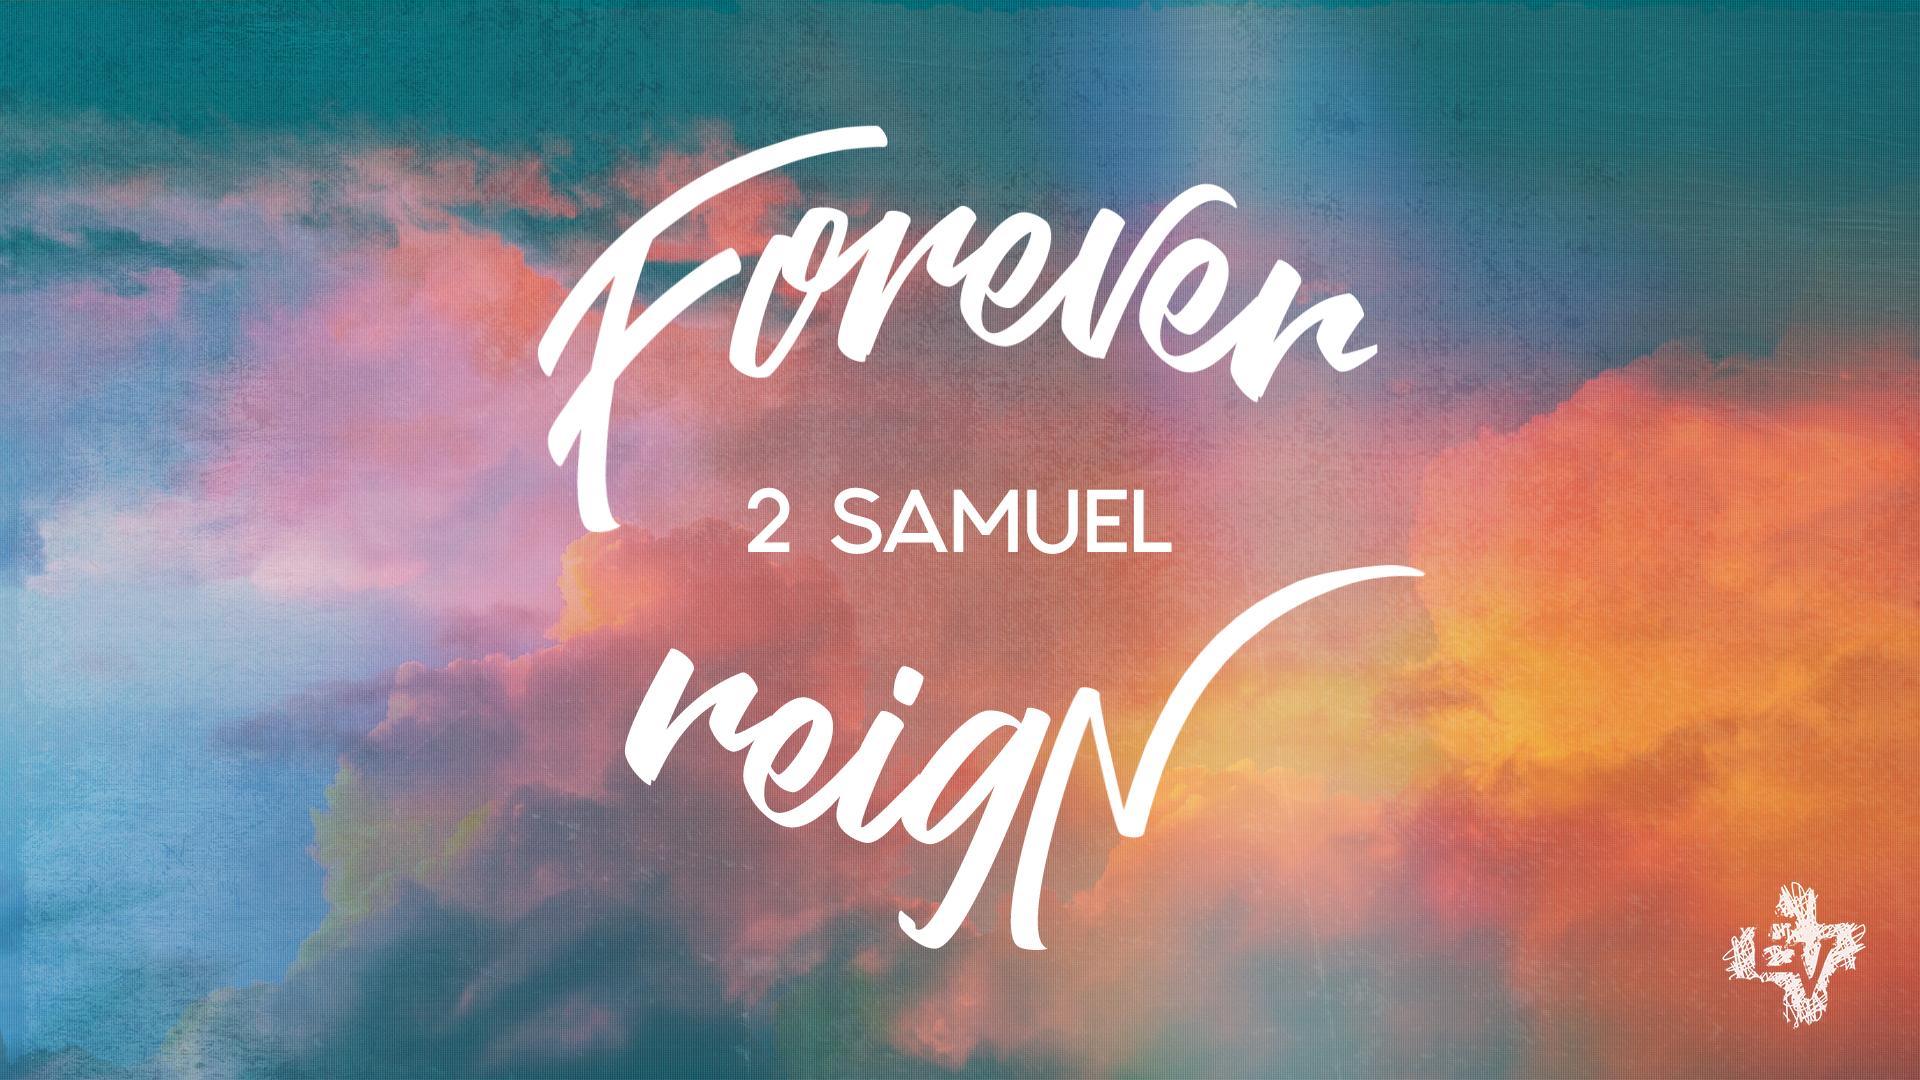 2 Samuel: Forever Reign